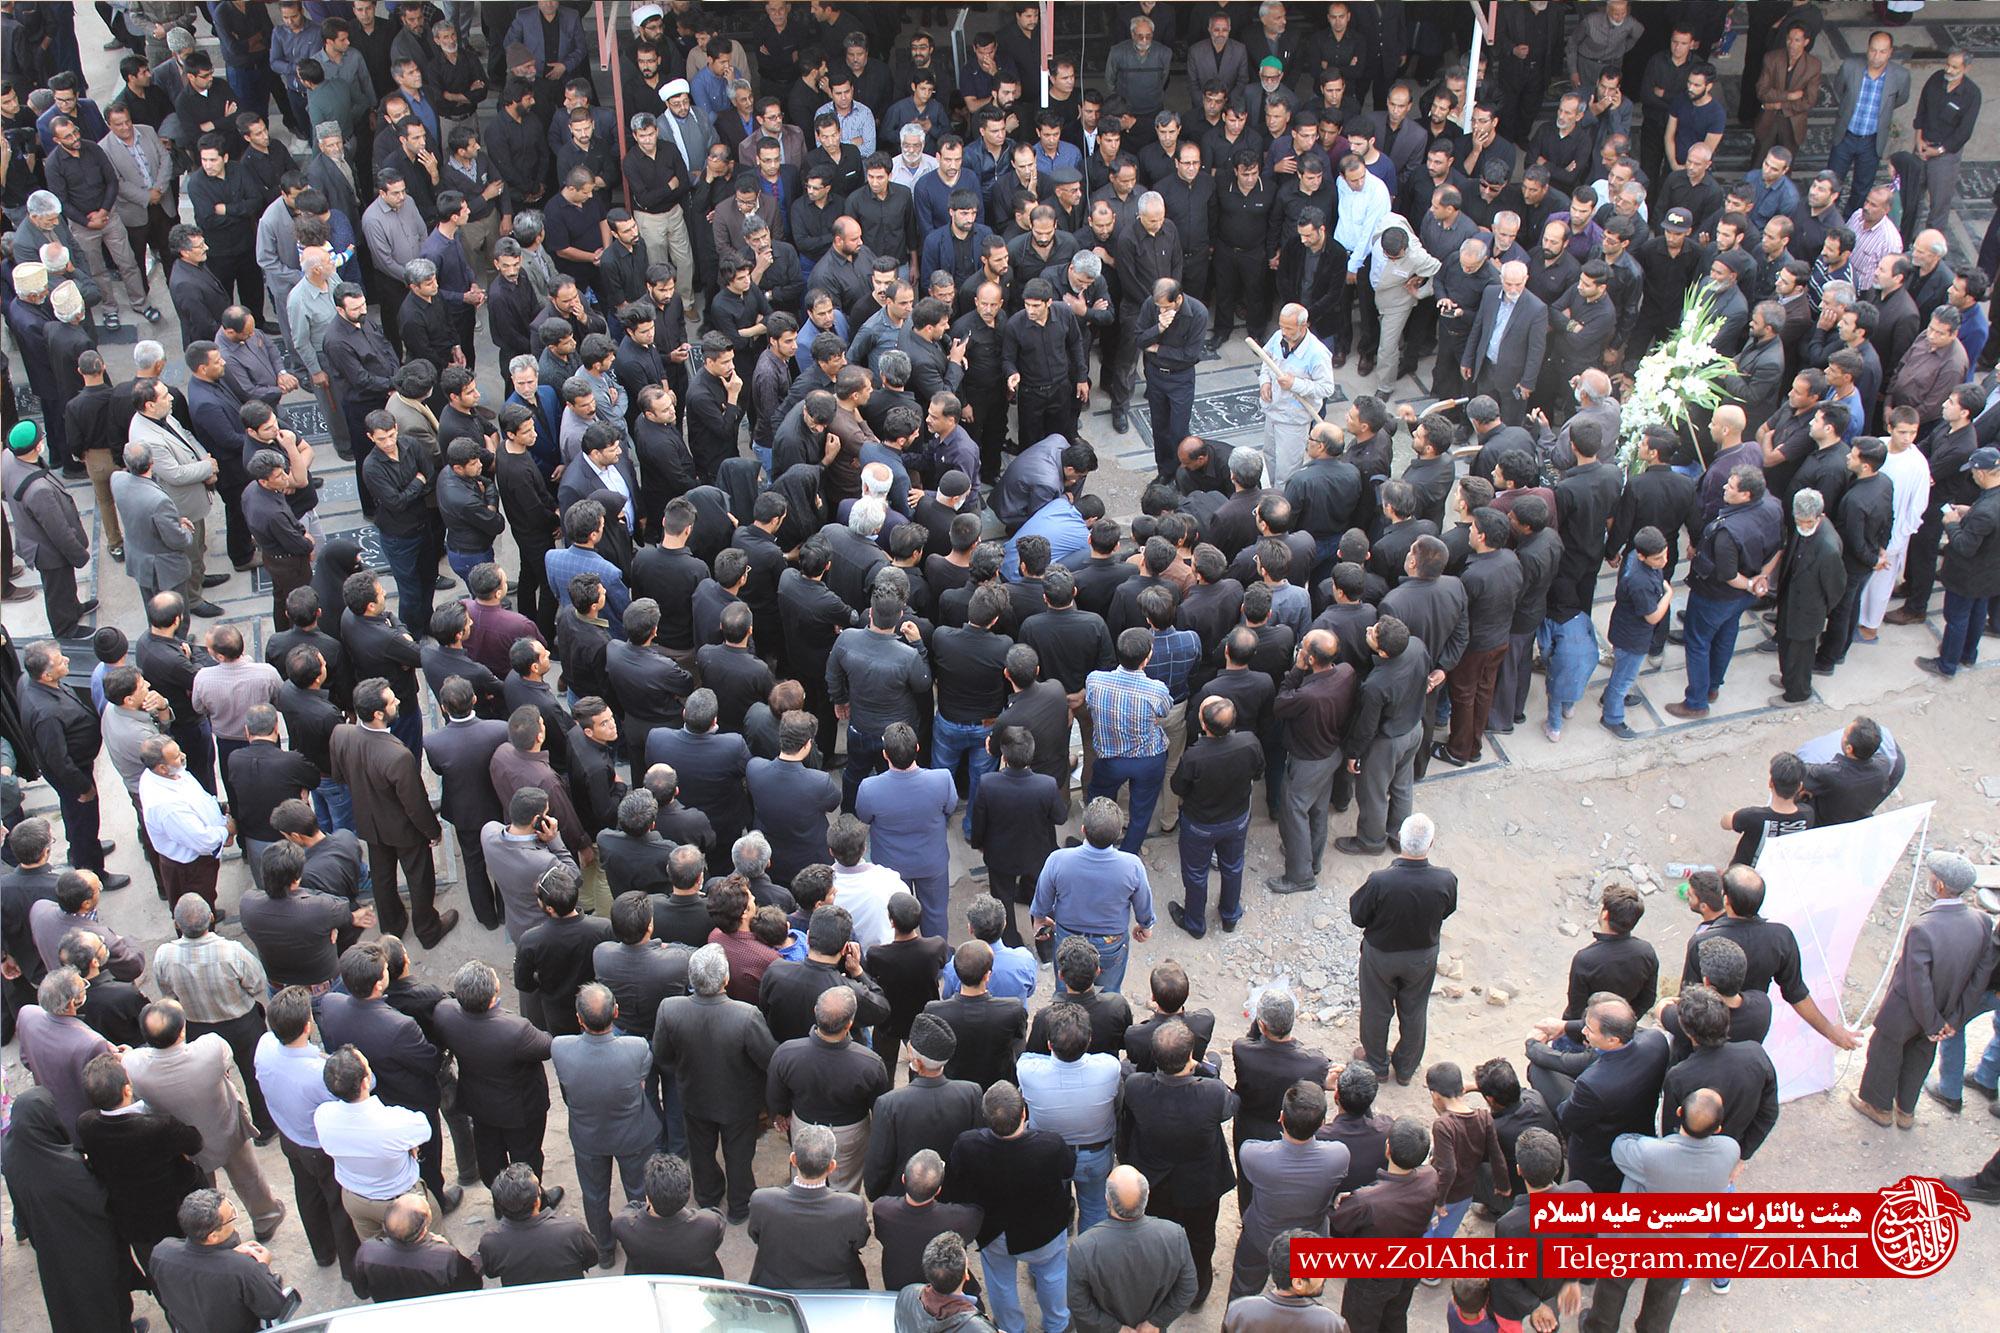 تصاویر مراسم تشییع و تدفین پیکر خادم الحسین کربلایی جواد جمالی